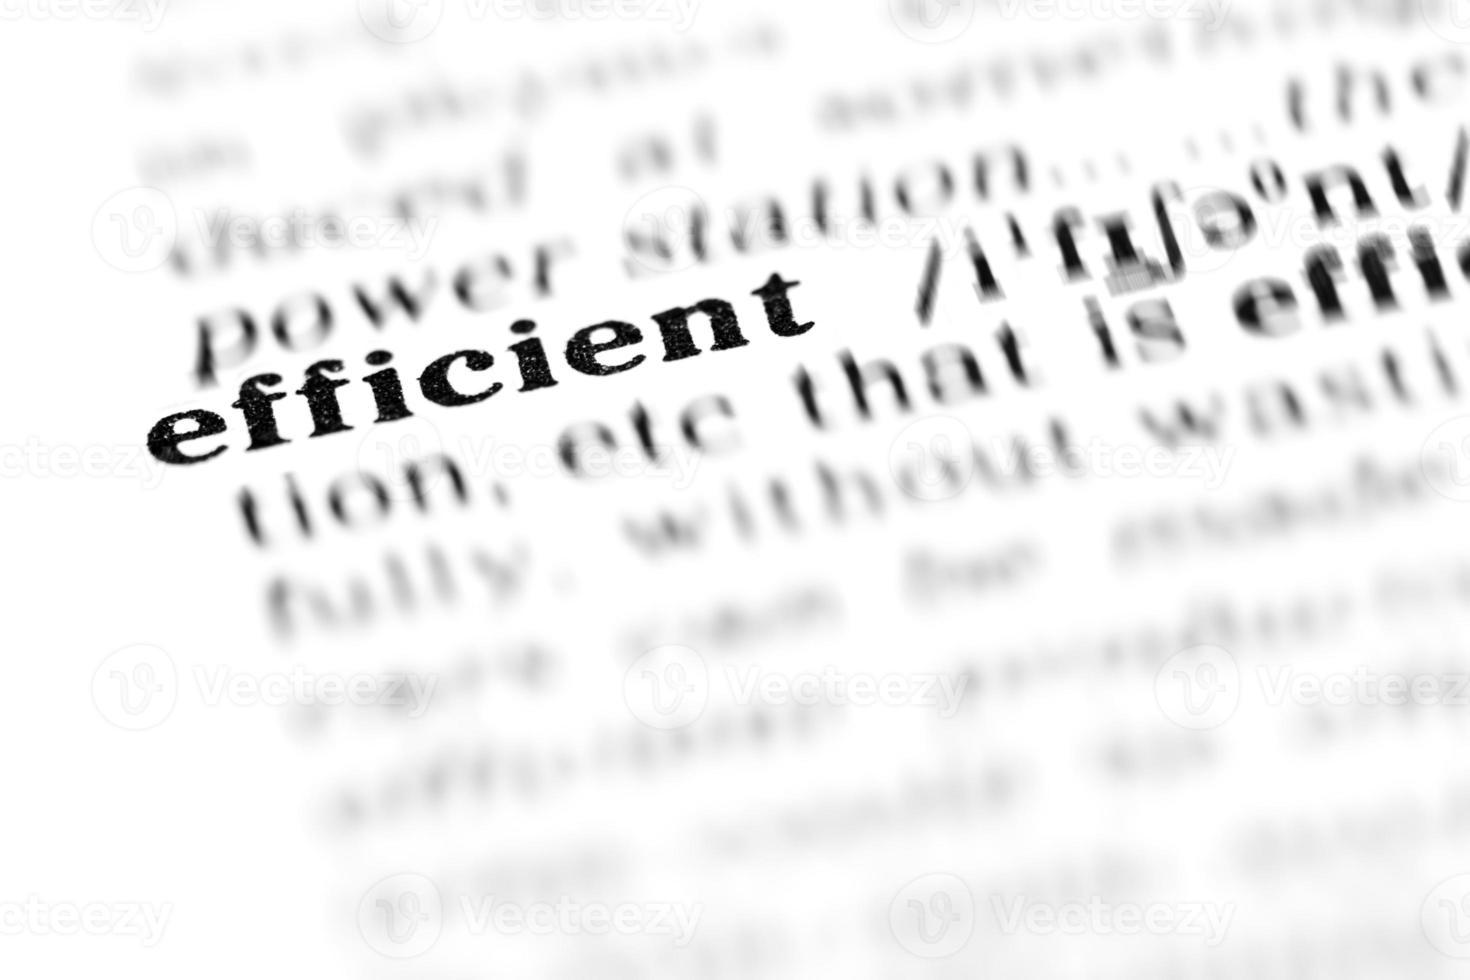 eficiente (el proyecto del diccionario) foto